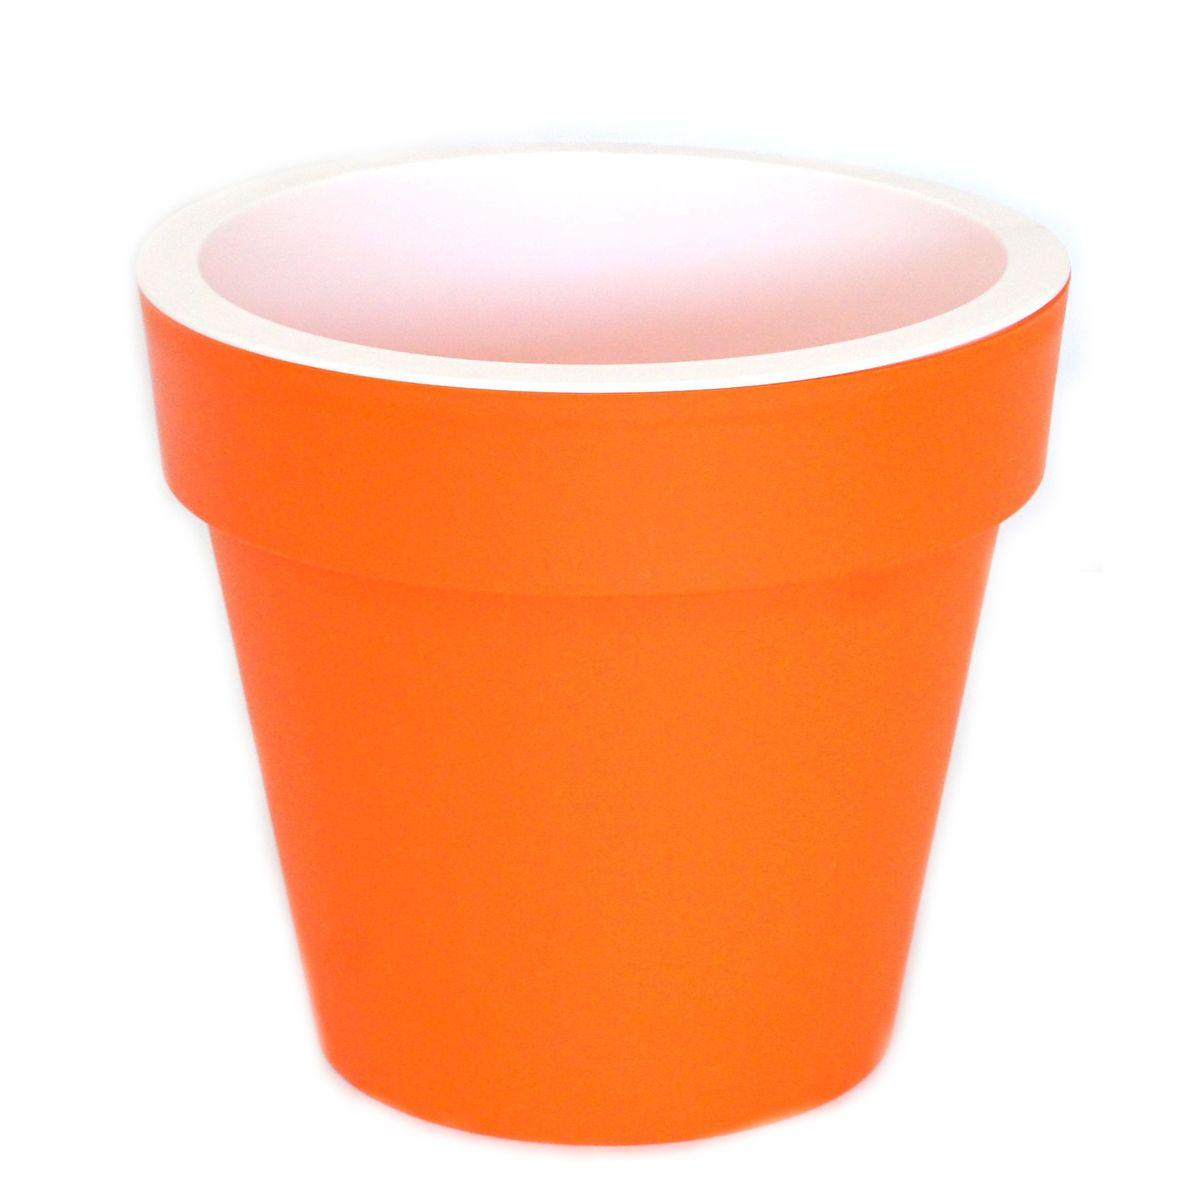 Кашпо JetPlast Порто, со вставкой, цвет: оранжевый, 3,5 л531-401Кашпо Порто классической формы с внутренней вставкой-горшком. Дренажная вставка позволяет легко поливать растения без использования дополнительного поддона. Вместительный объем кашпо позволяет высаживать самые разнообразные растения, а съемная вставка избавит вас от грязи и подчеркнет красоту цветка. Оно изготовлено из прочного полипропилена (пластика). Такое кашпо порадует вас функциональностью, а благодаря лаконичному дизайну впишется в любой интерьер помещения. Объем кашпо: 3,5 л.